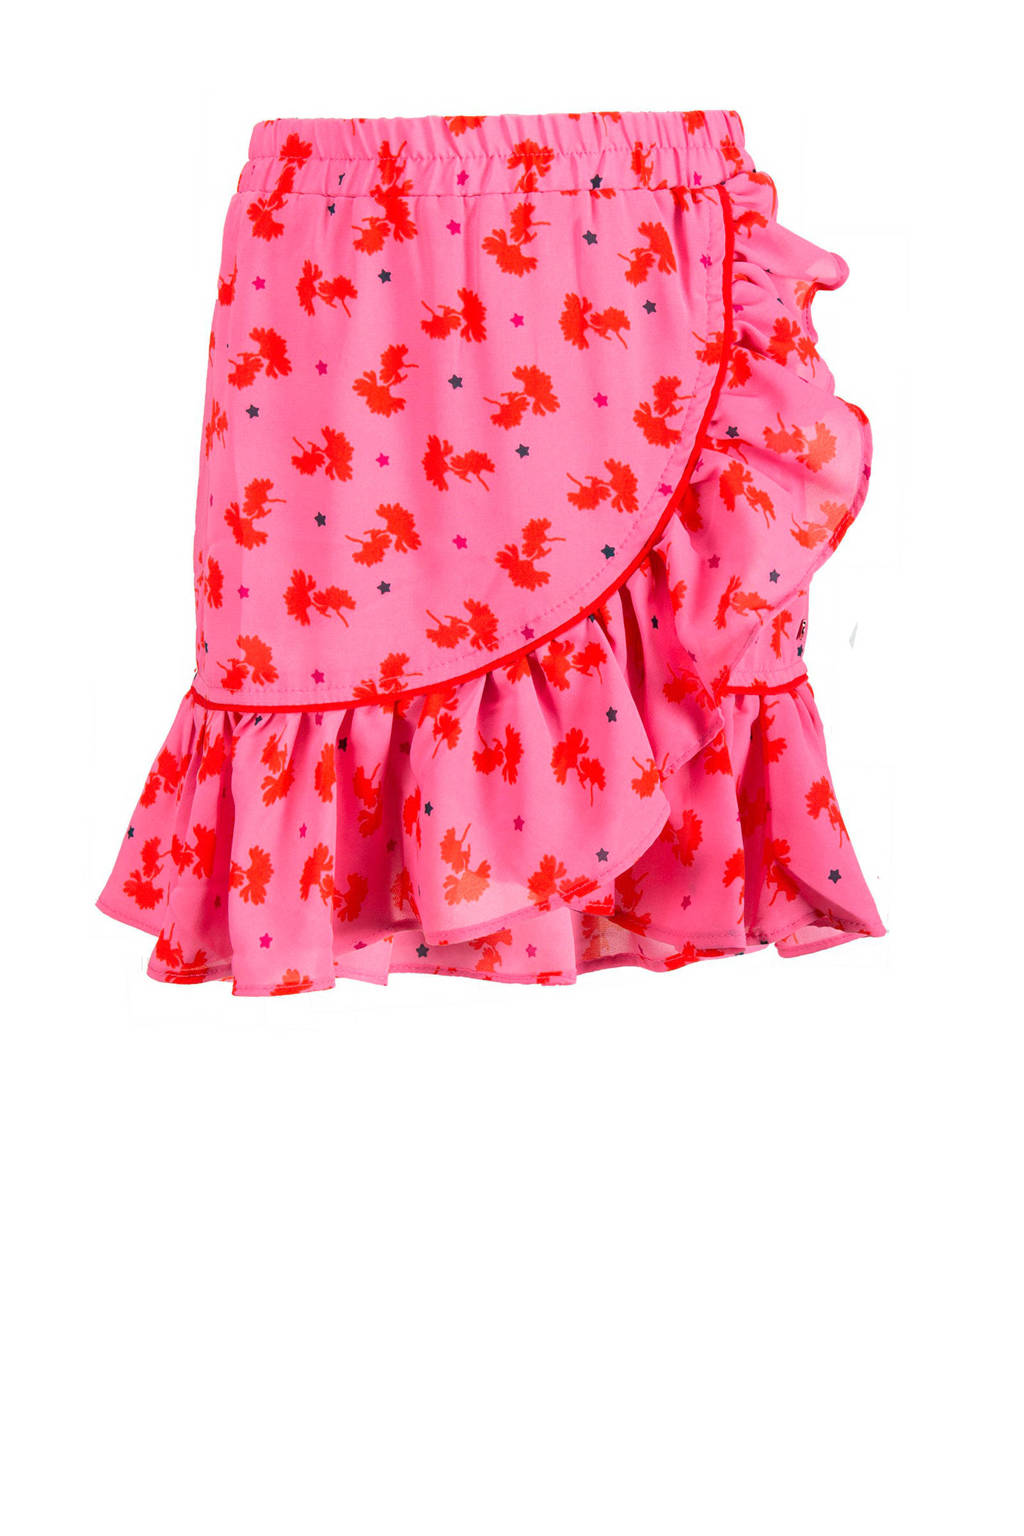 CKS KIDS gebloemde rok Ludmilla met volant roze, Roze